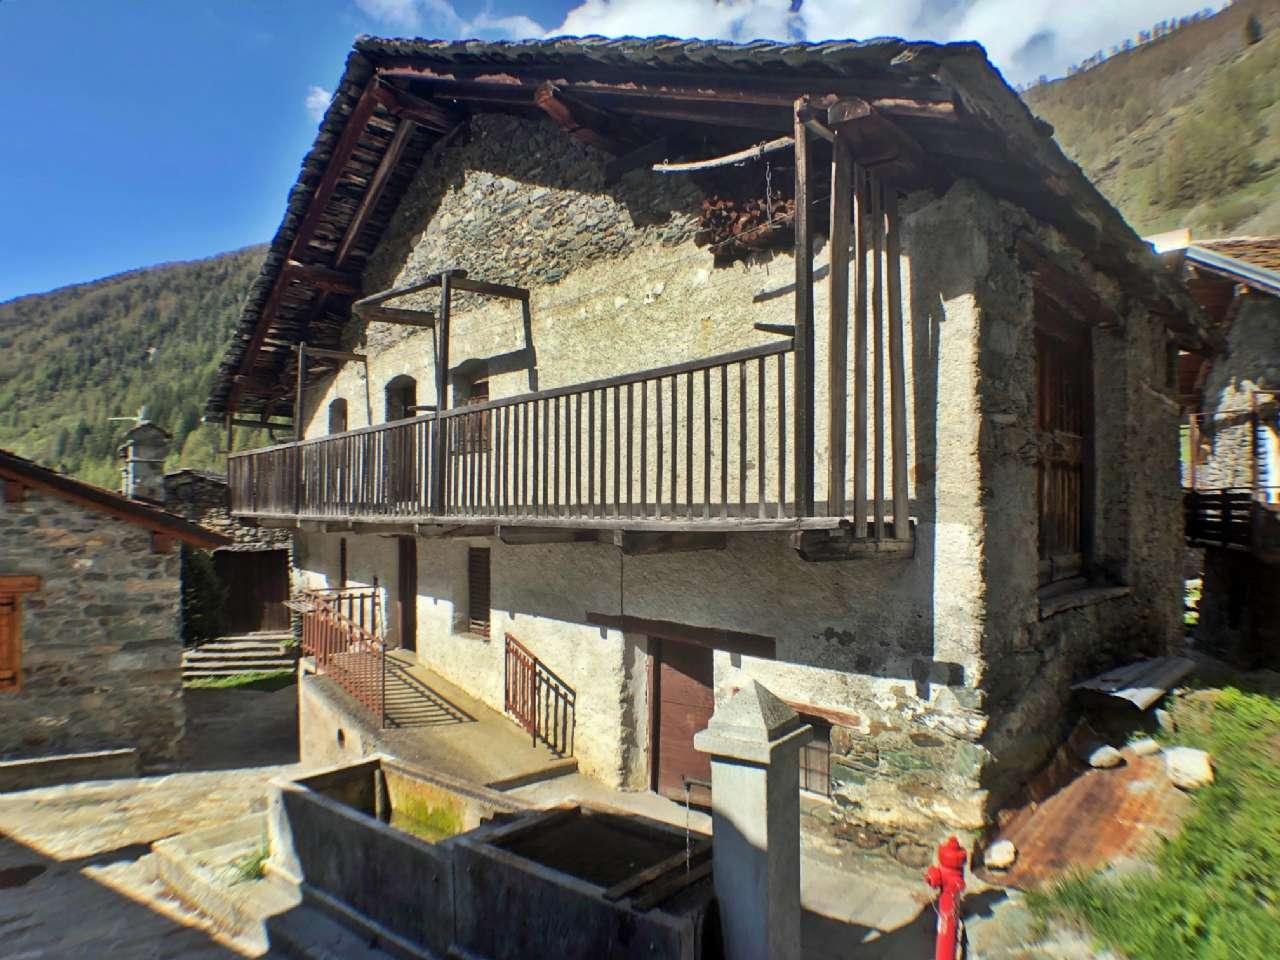 Rustico / Casale in vendita a Ollomont, 6 locali, prezzo € 89.000 | CambioCasa.it